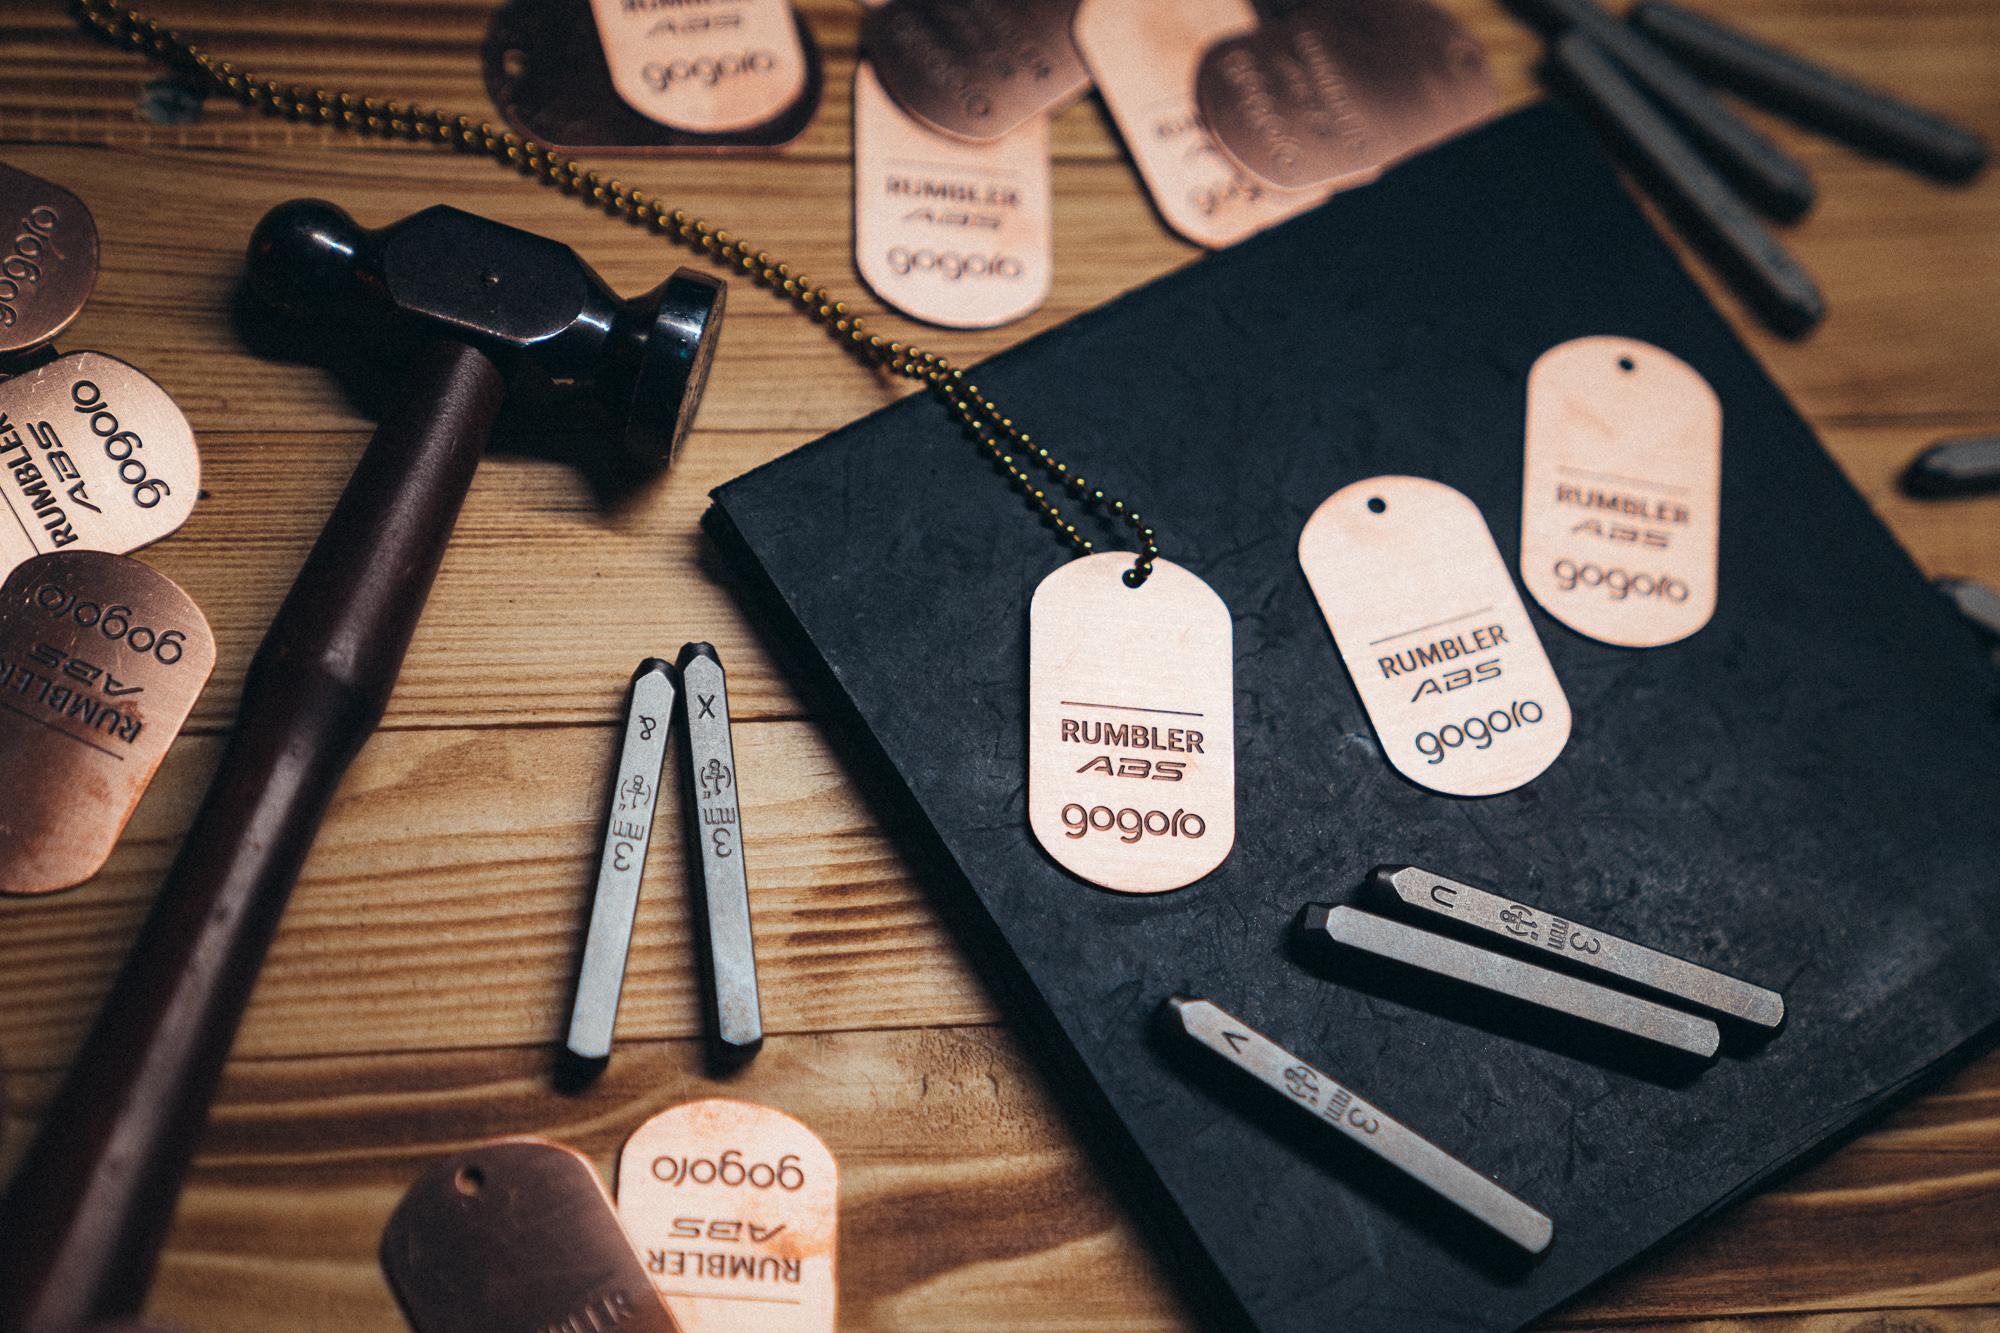 消費者只需憑藉 BAR Rumbler 限定邀請函,就可於現場領取「專屬銅製軍牌」。